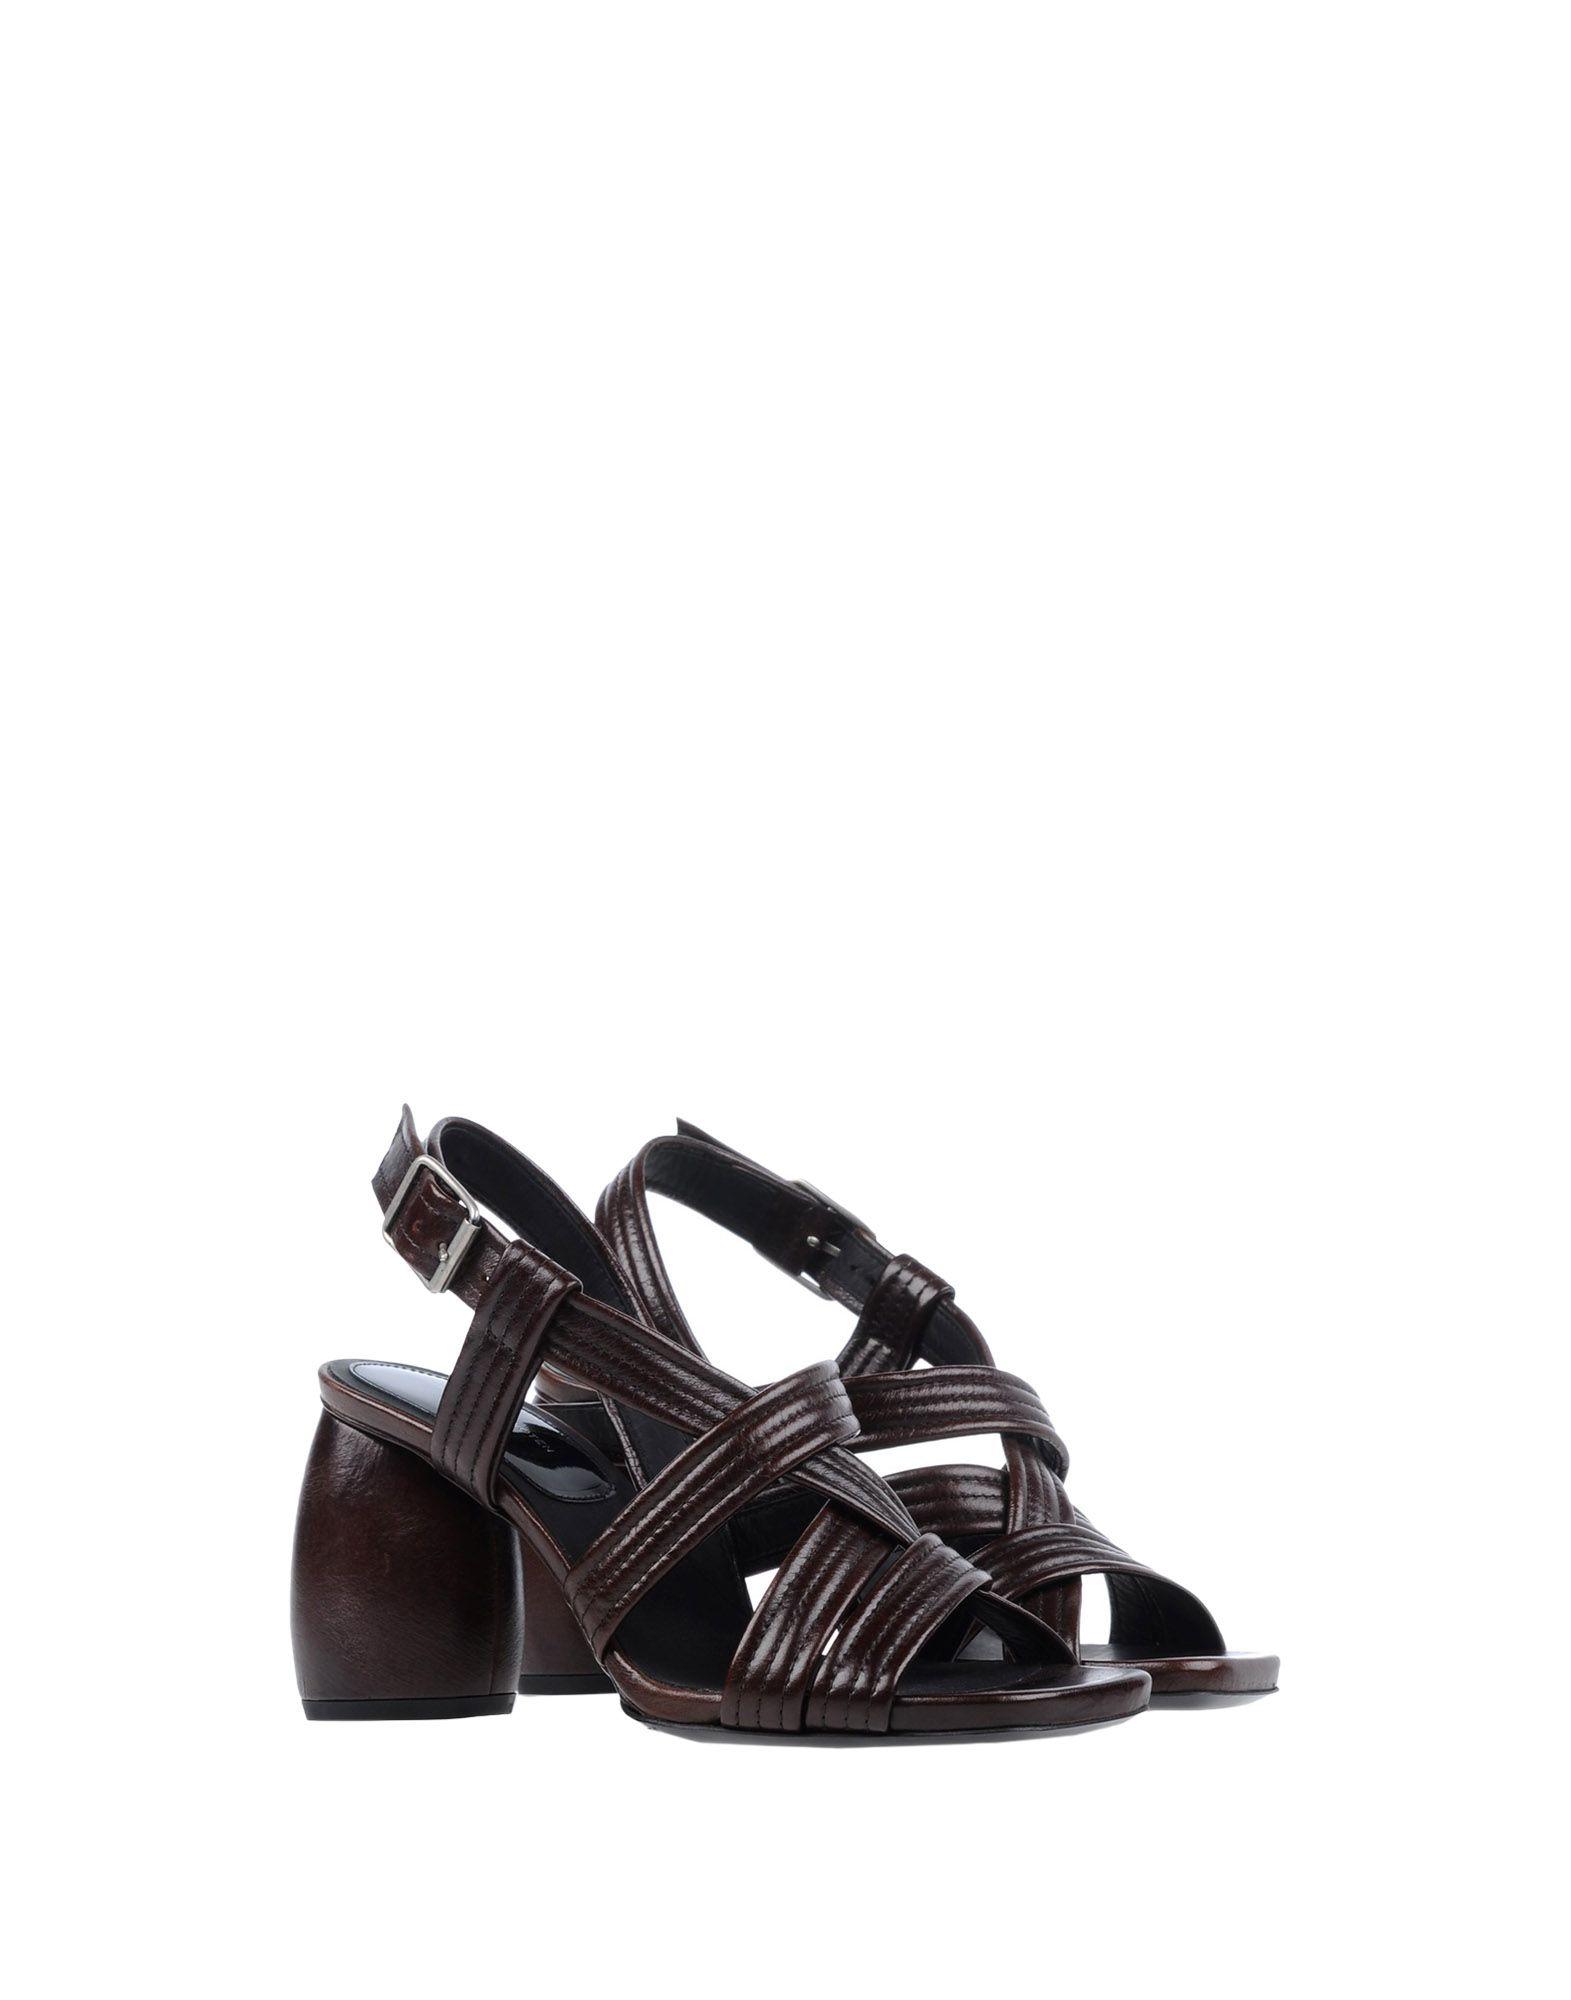 Dries Van Noten Sandalen Schuhe Damen  11327895KL Neue Schuhe Sandalen d4265e